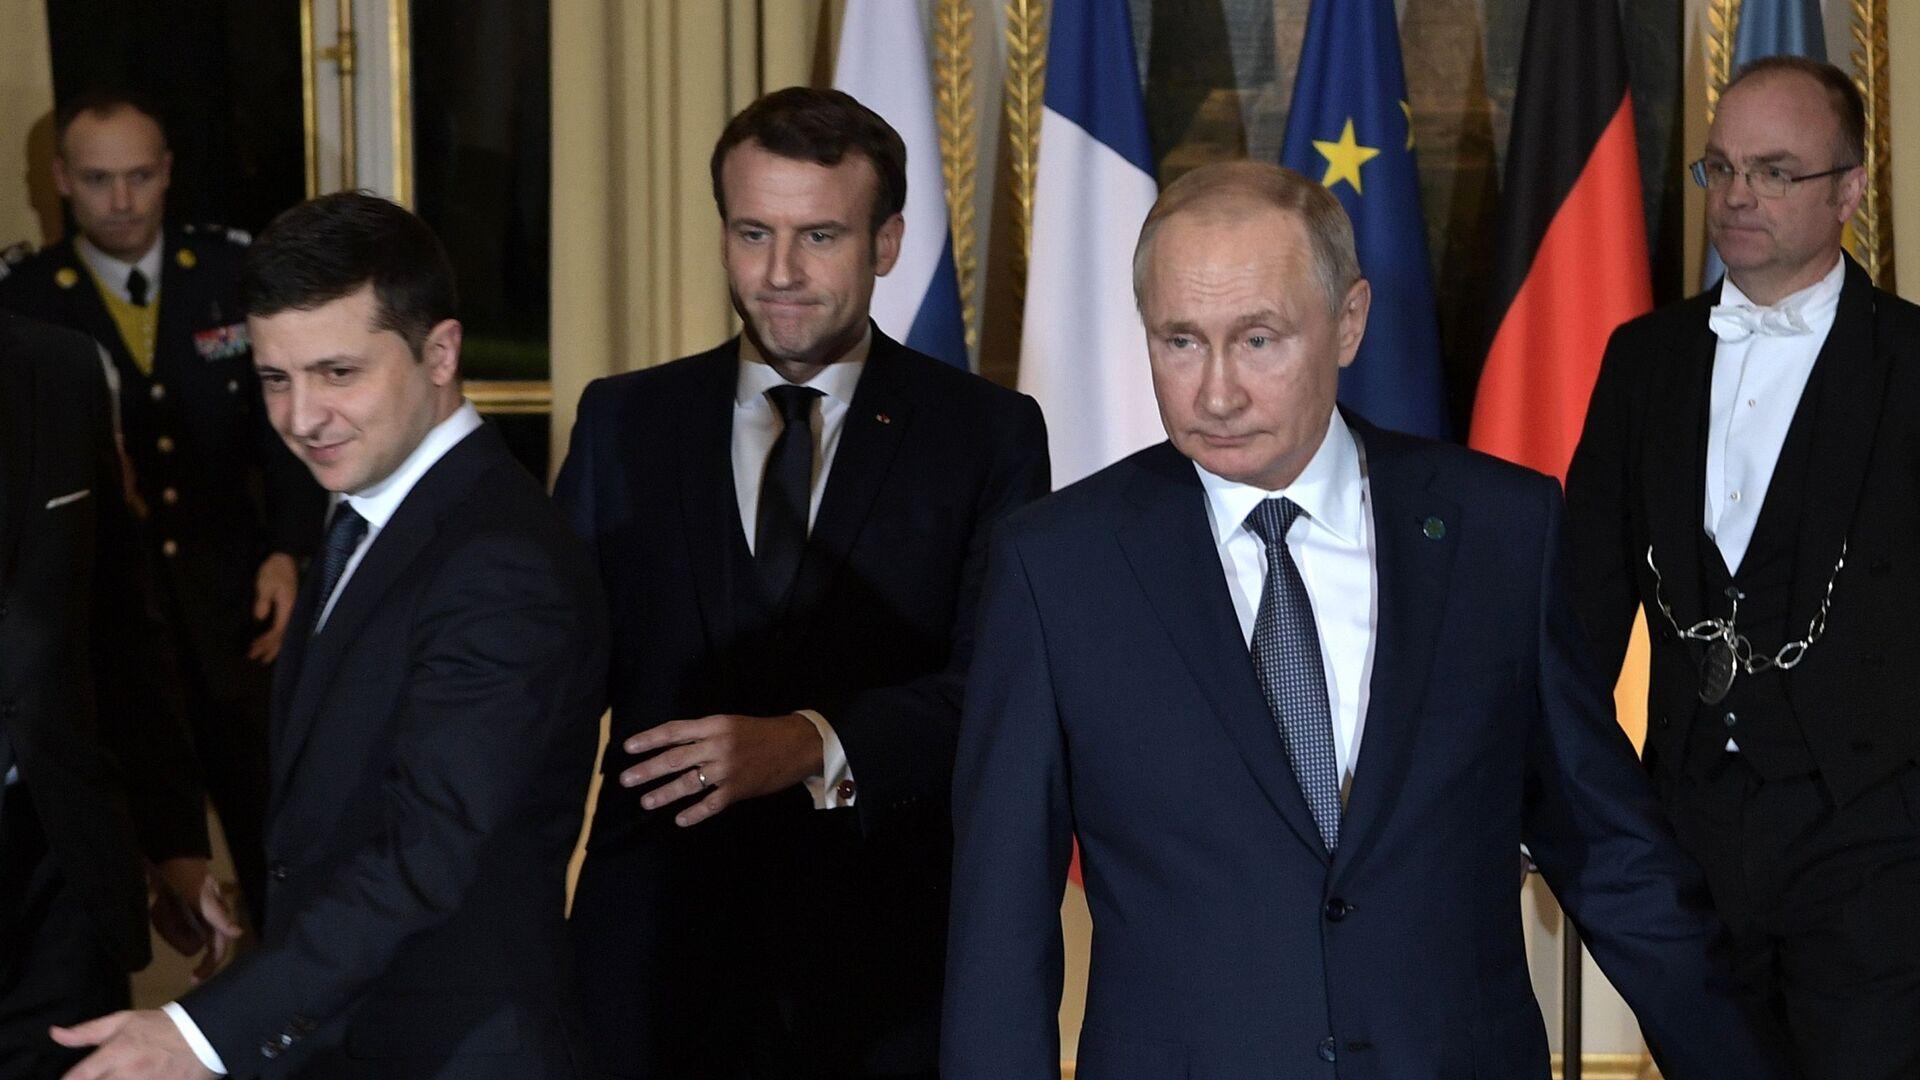 Prezidenti Ruska a Ukrajiny Vladimir Putin a Volodymyr Zelenskyj - Sputnik Česká republika, 1920, 20.04.2021